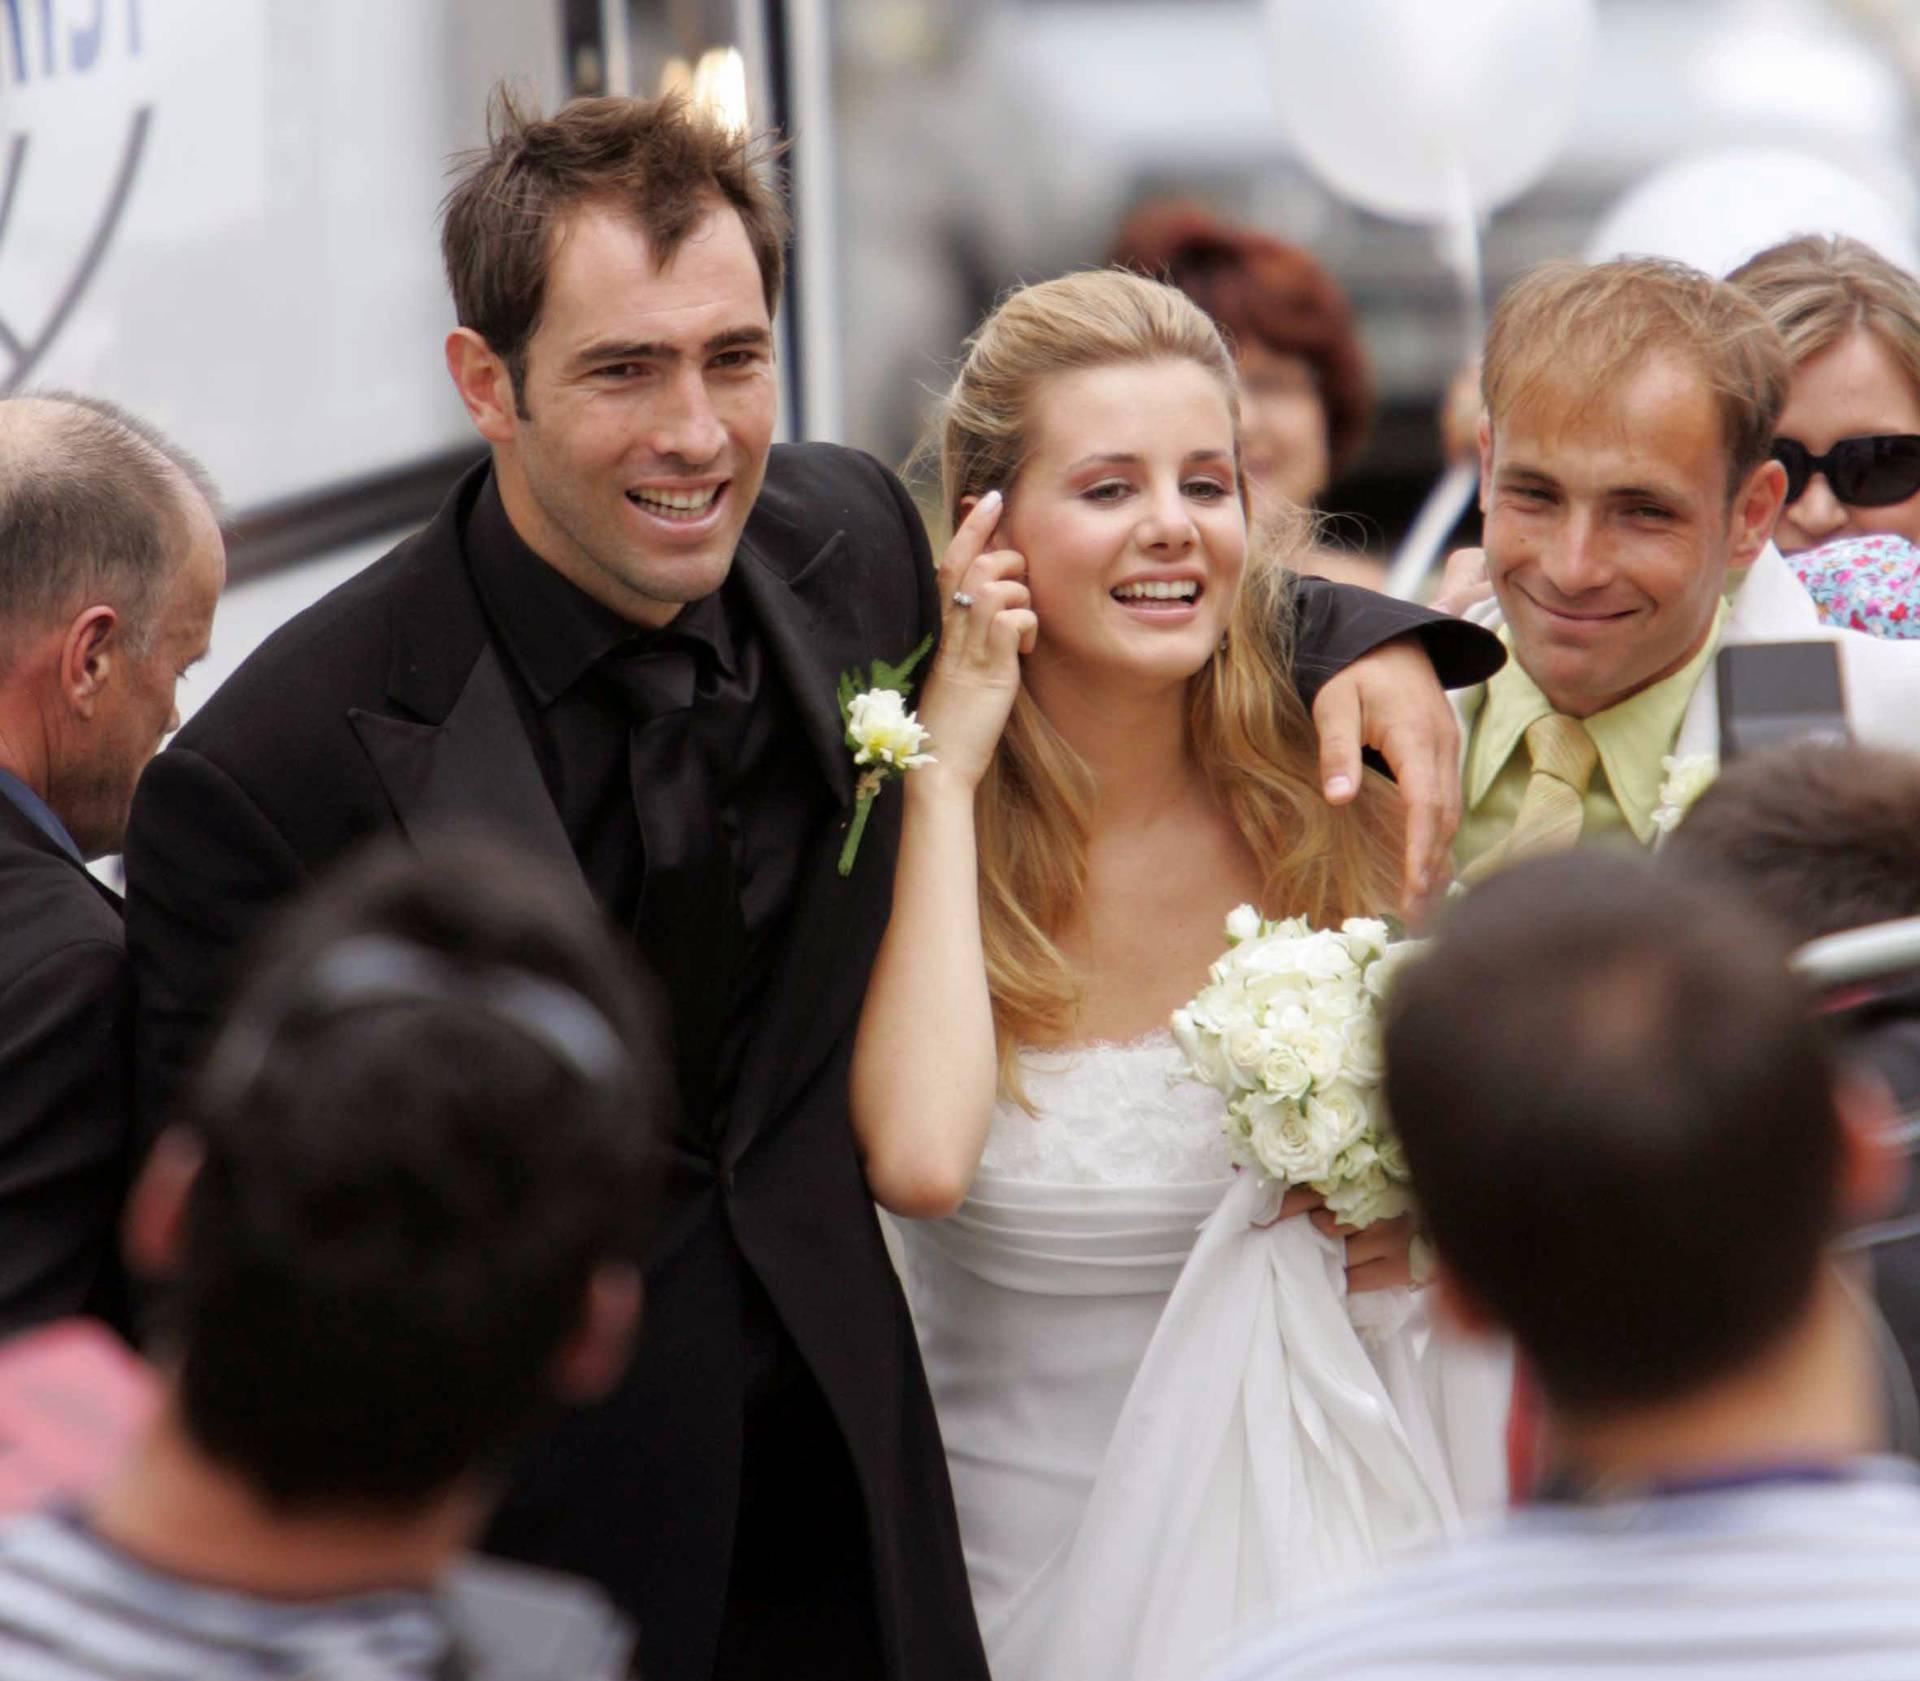 Lani razvod nakon 2 mjeseca, a Simona plakala pred vijećnicom